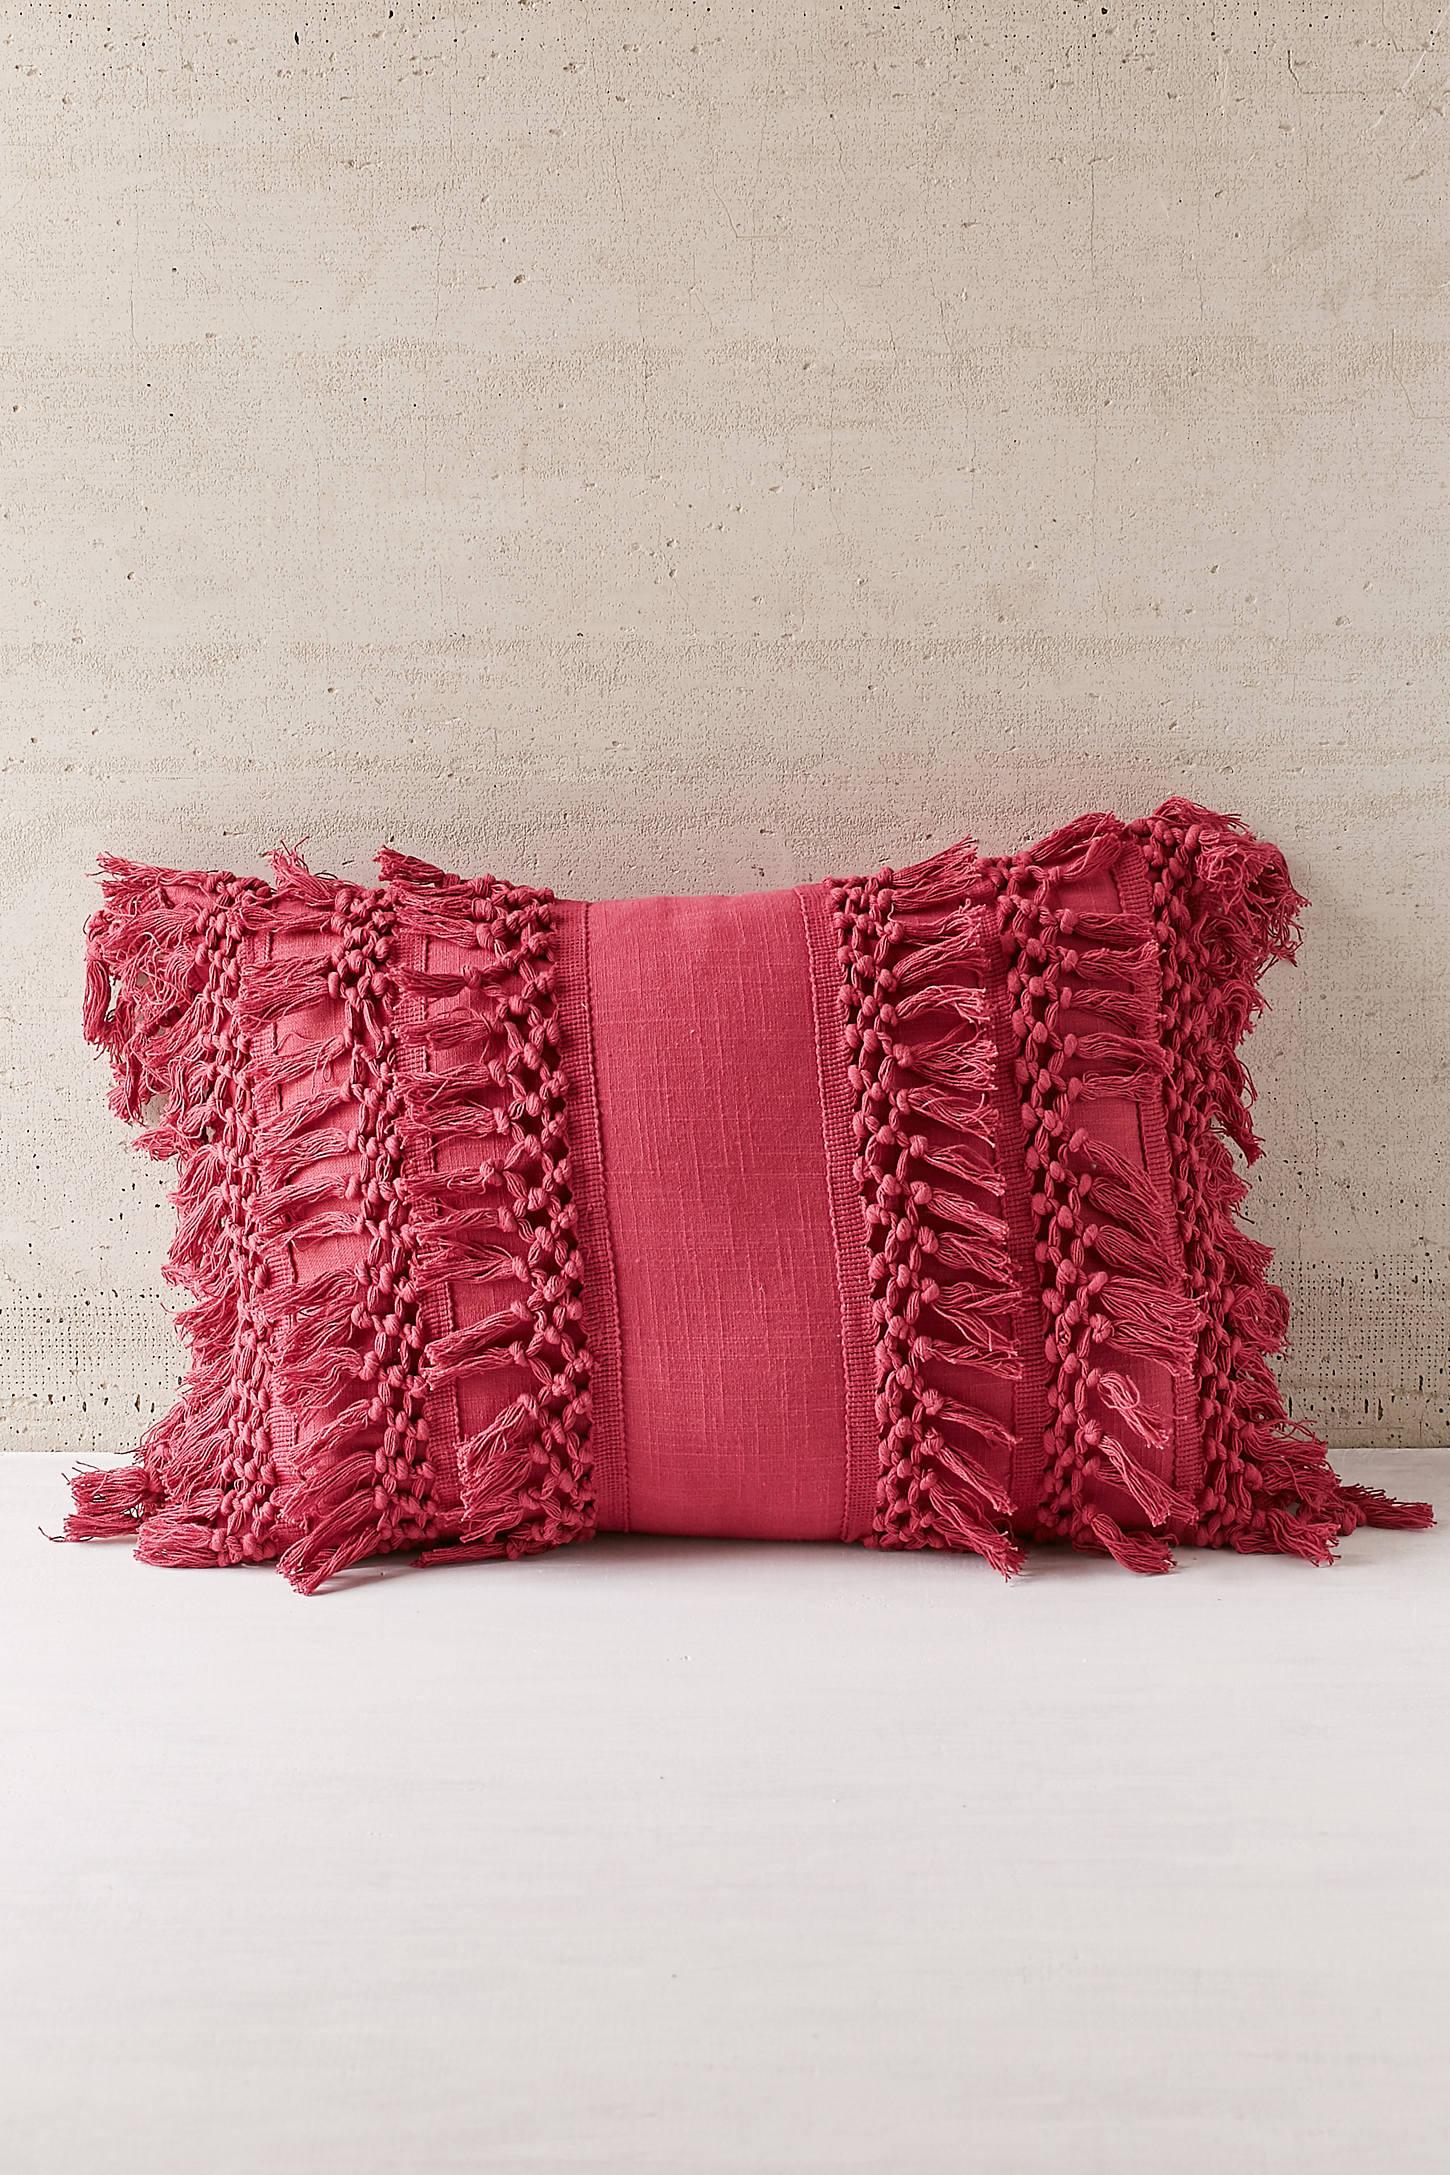 Venice Net Tassel Bolster Pillow Urban Outfitters